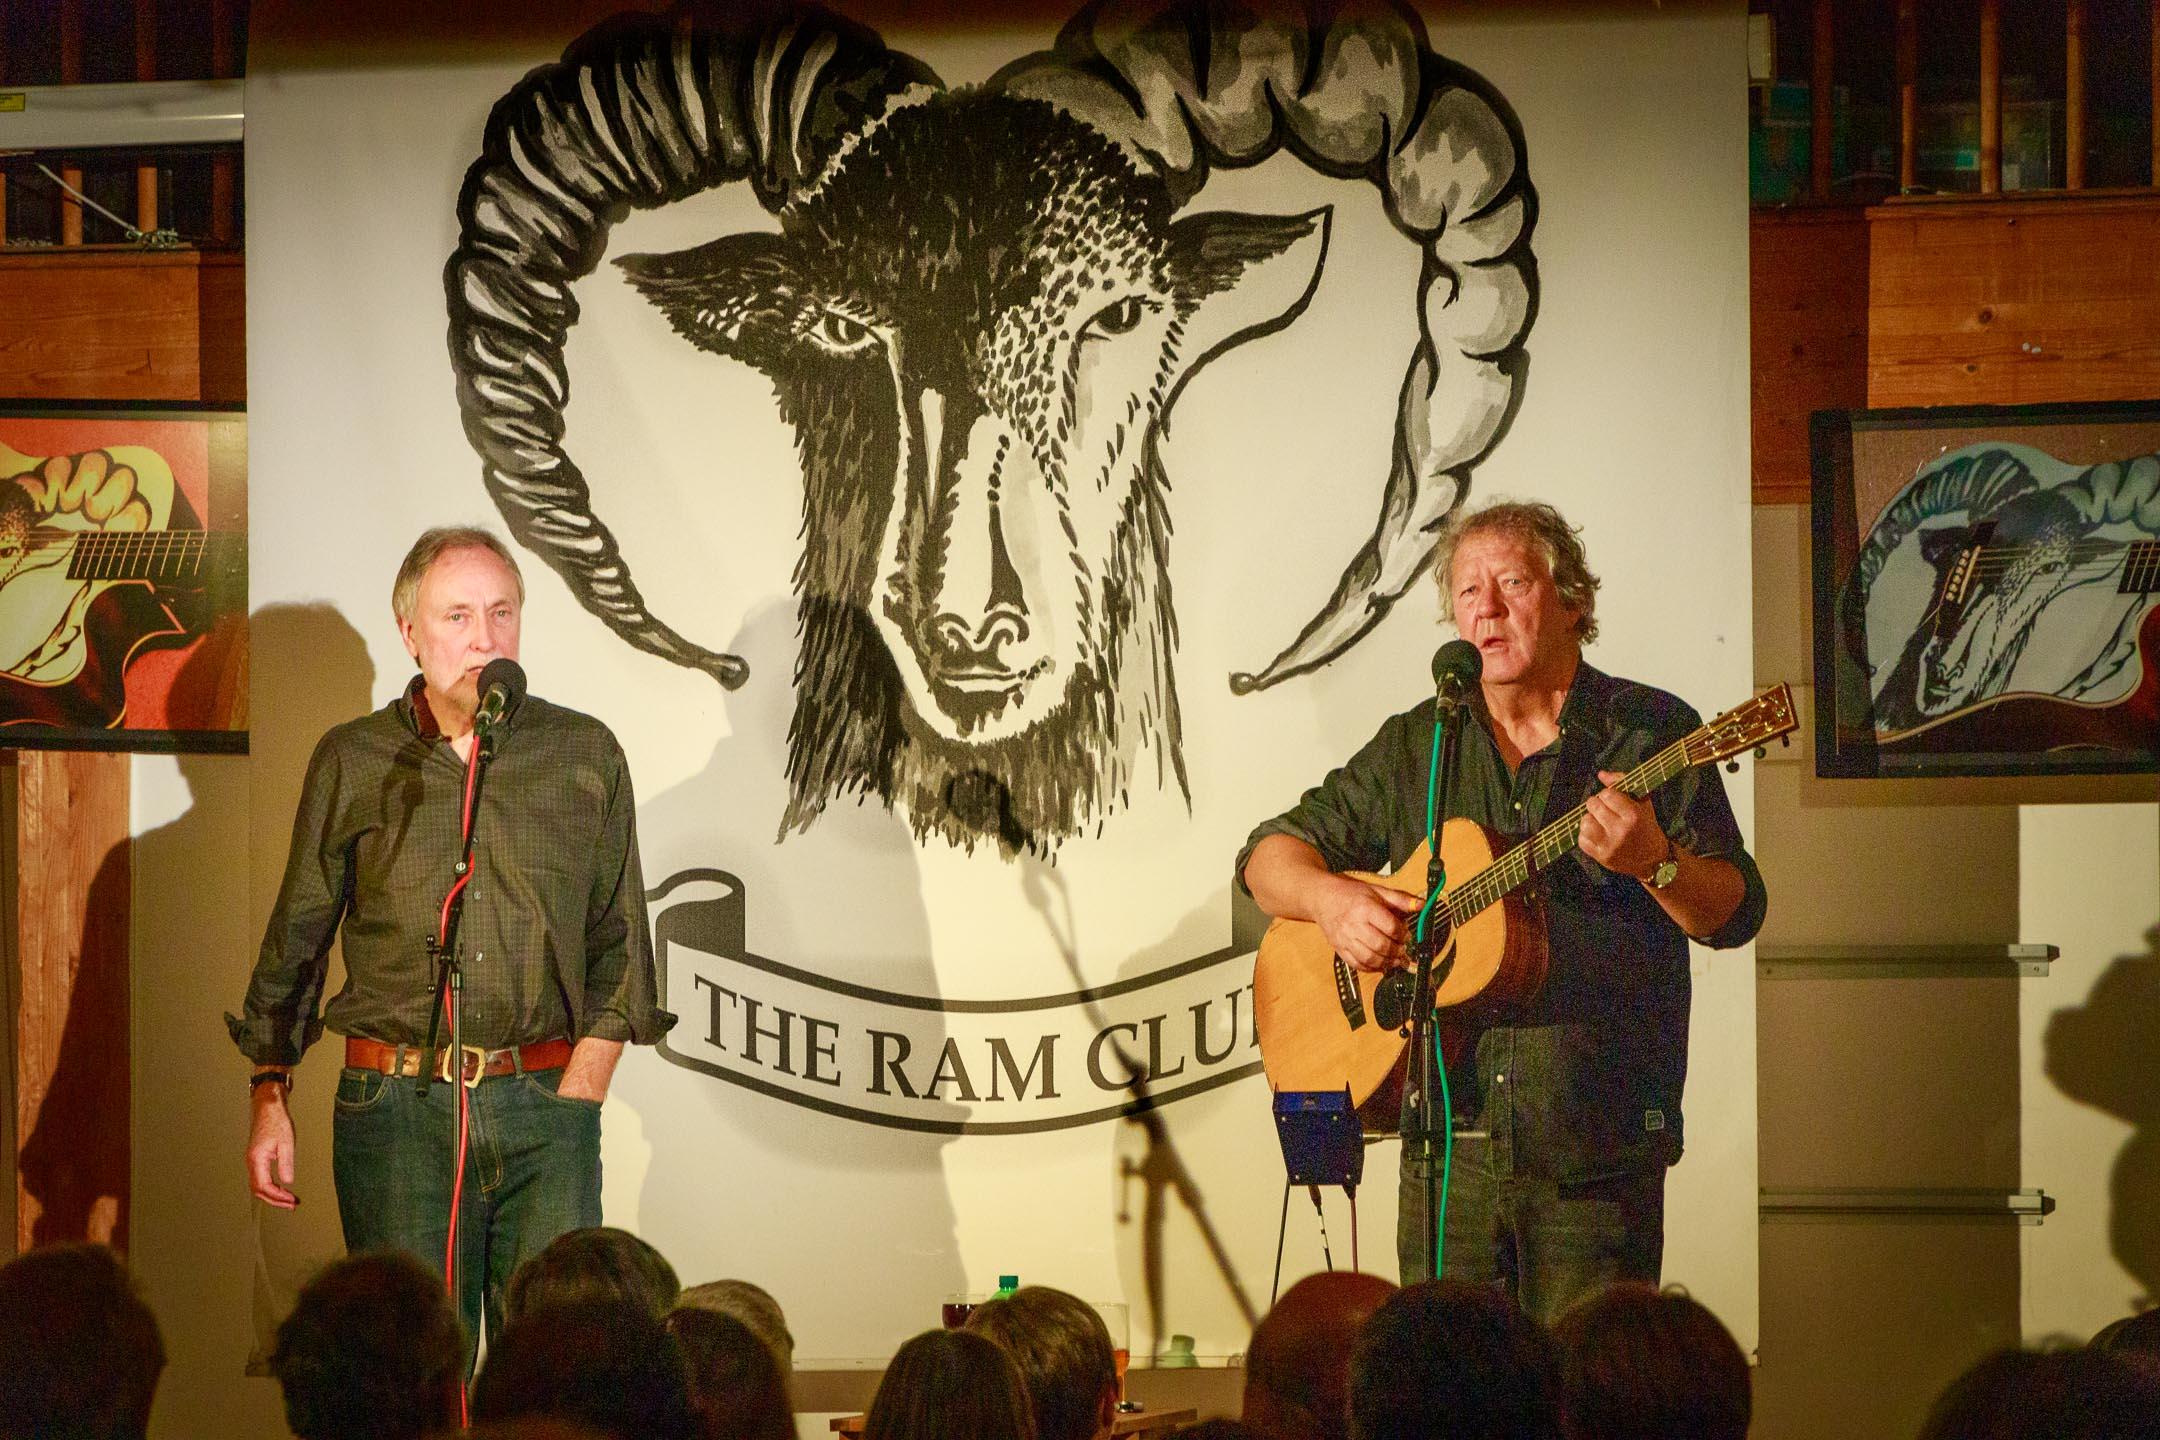 Mick Ryan & Paul Downes